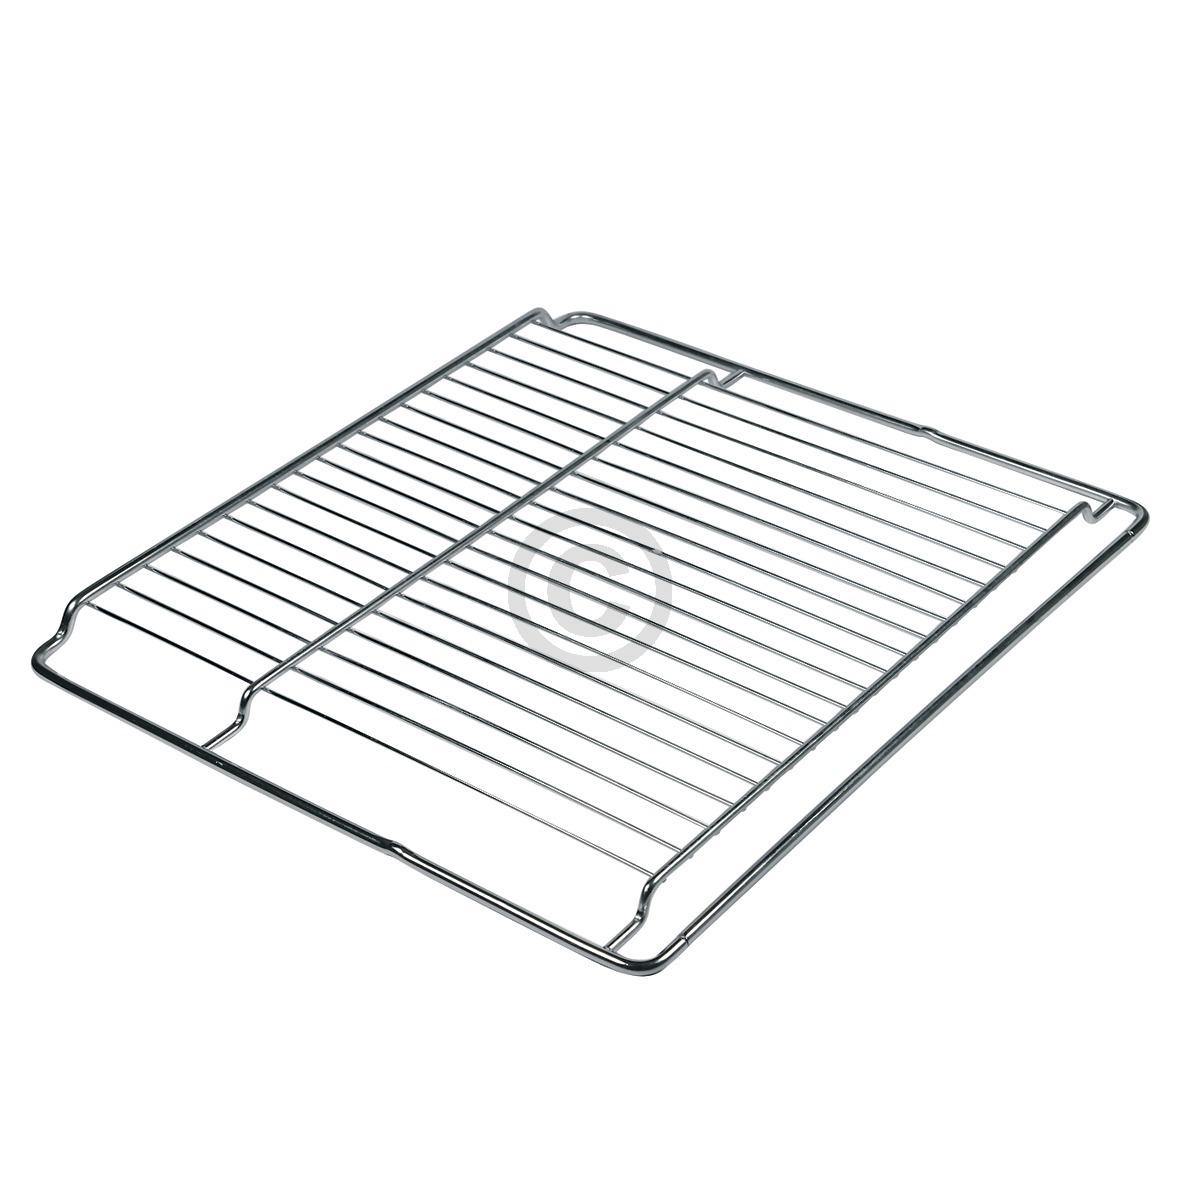 Grillrost Bosch 00740815 430x375mm Kombirost für Backofen